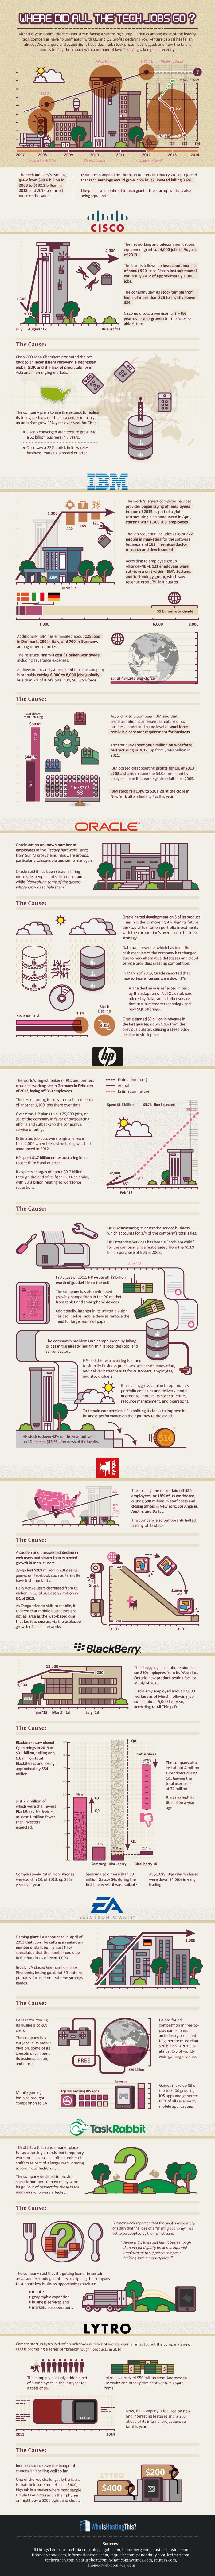 jobs infographic